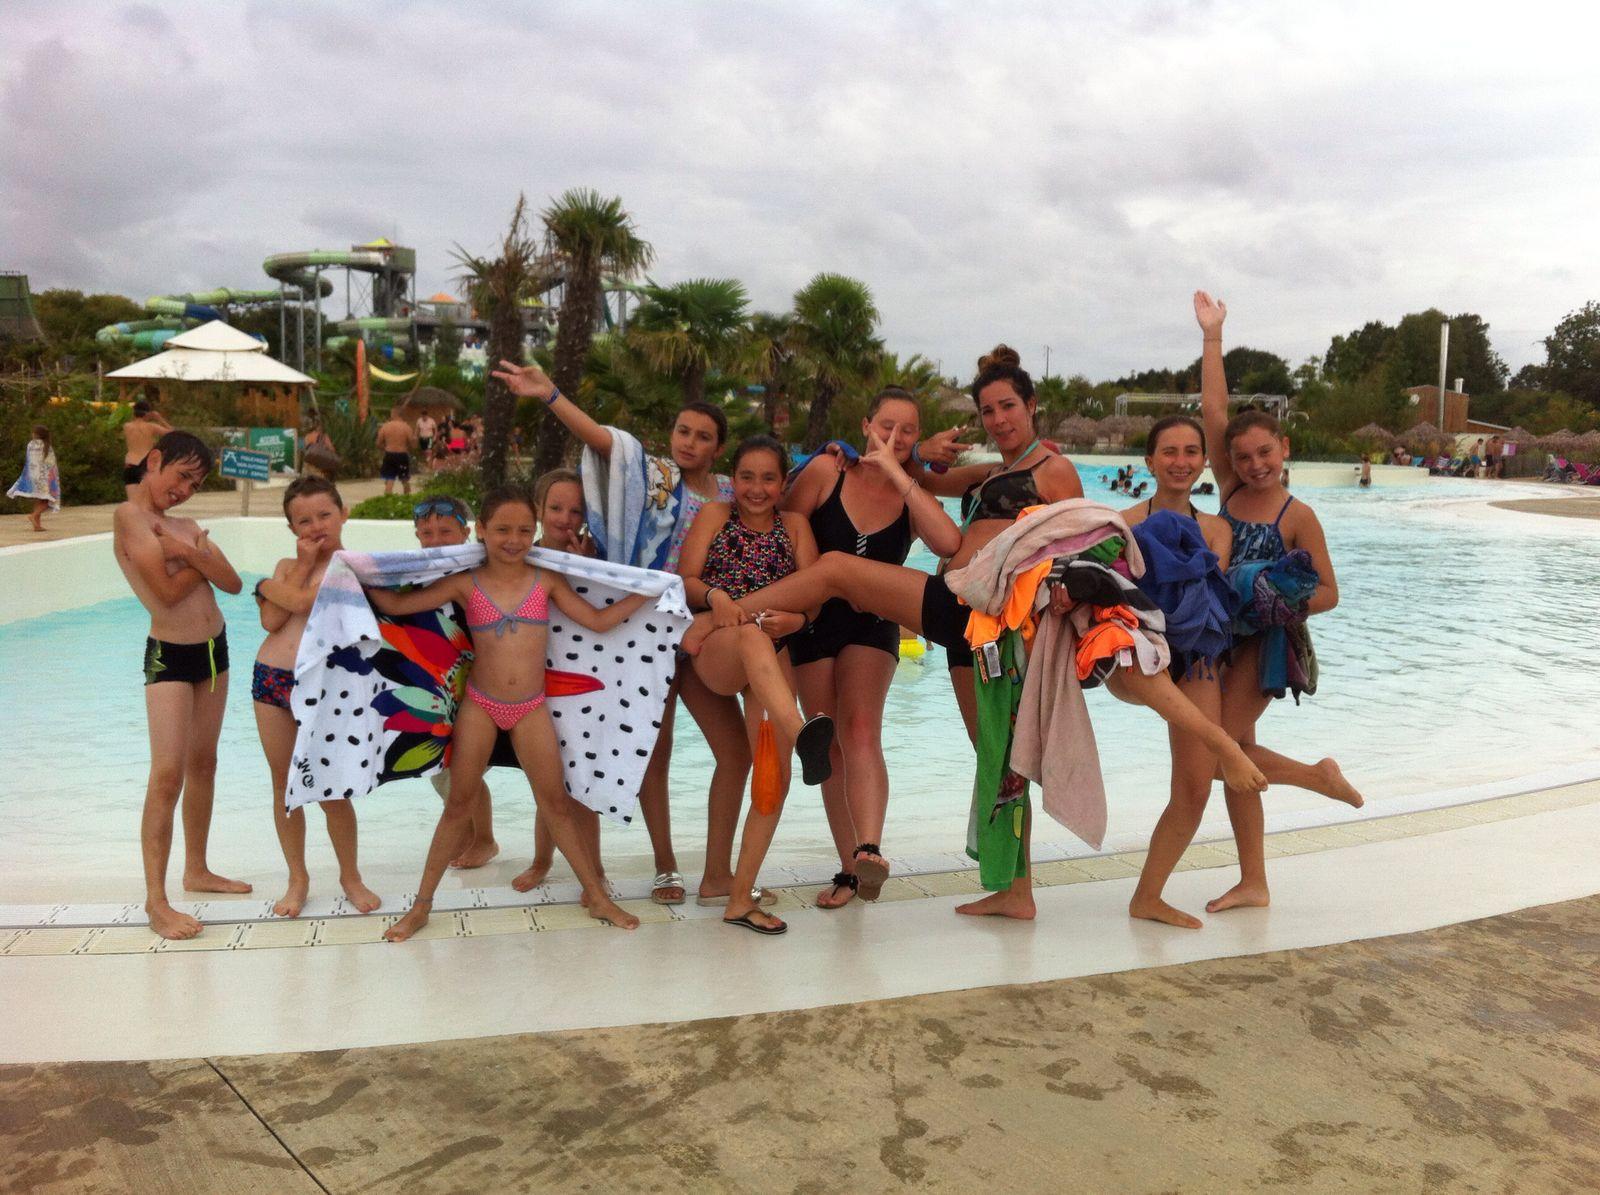 Groupe d'enfants au bord d'une piscine en colonie de vacances à la mer cet été